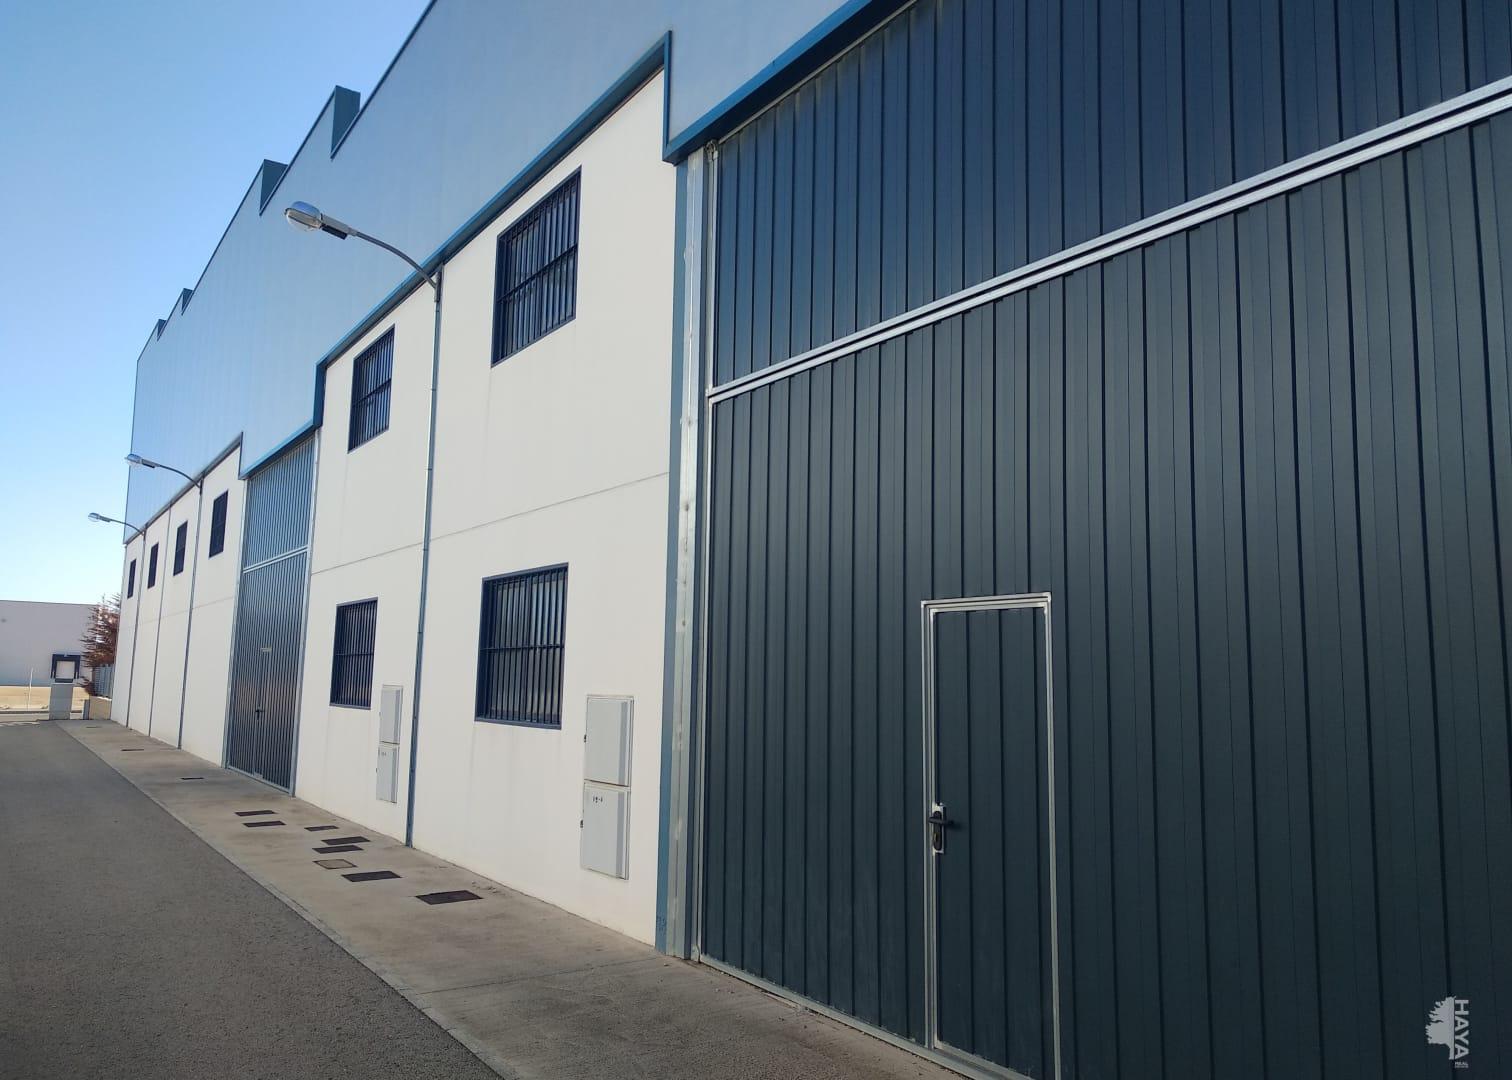 Industrial en venta en Chinchilla de Monte Aragón, Chinchilla de Monte-aragón, Albacete, Calle Caracas, 67.985 €, 225 m2